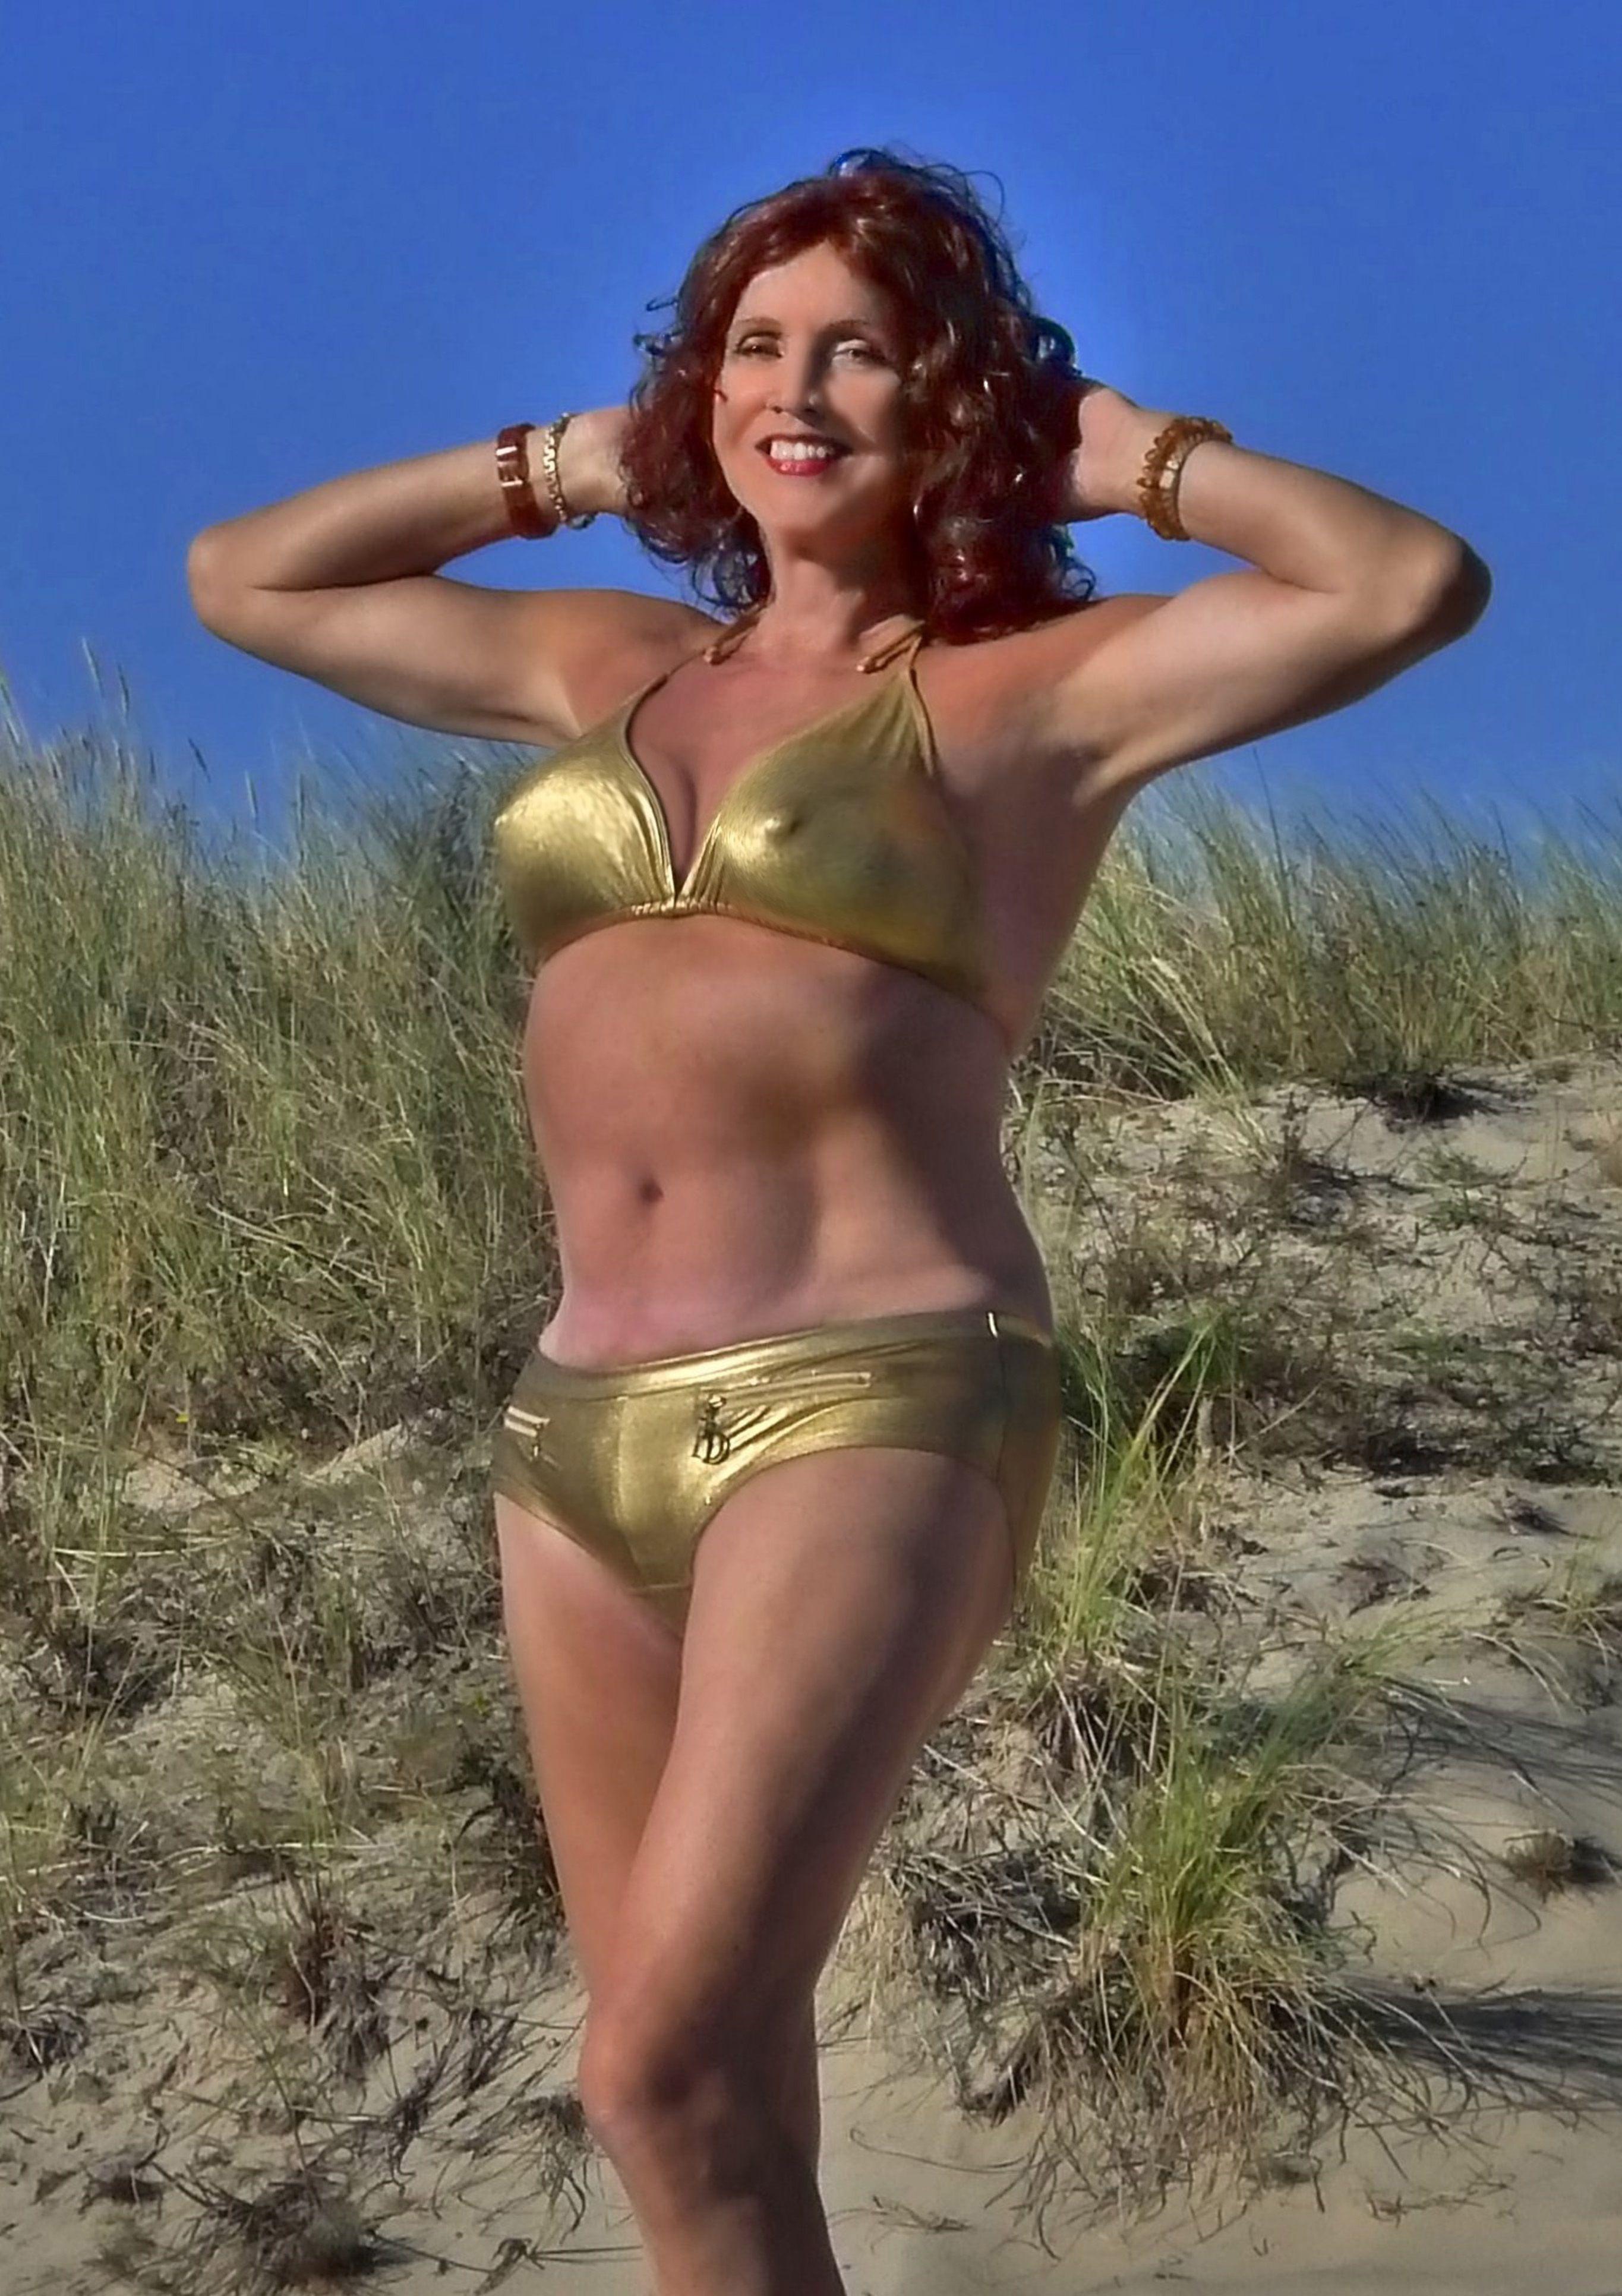 Gold Bikini Bikinis And Bras Pinterest Gold Bikini